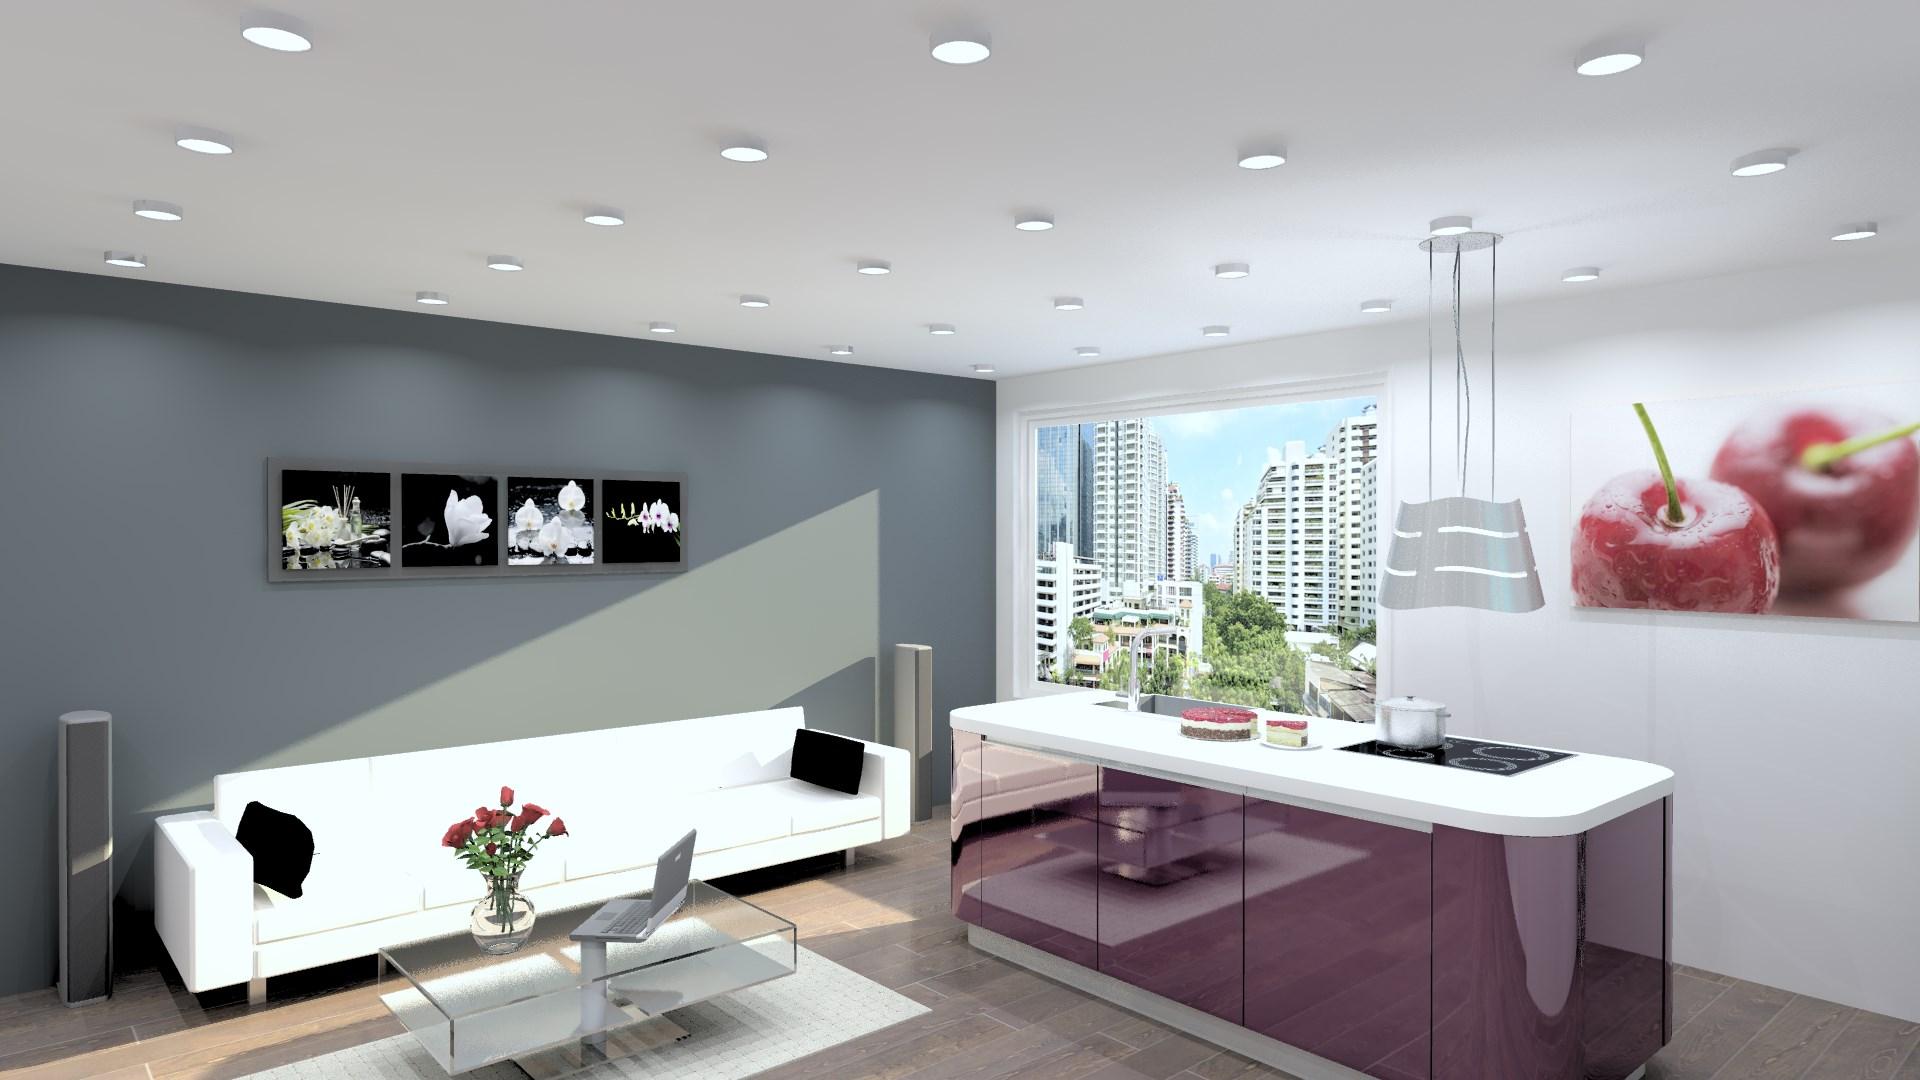 Buc t rie tip insul cu linii moderne - Nolte home studio ...